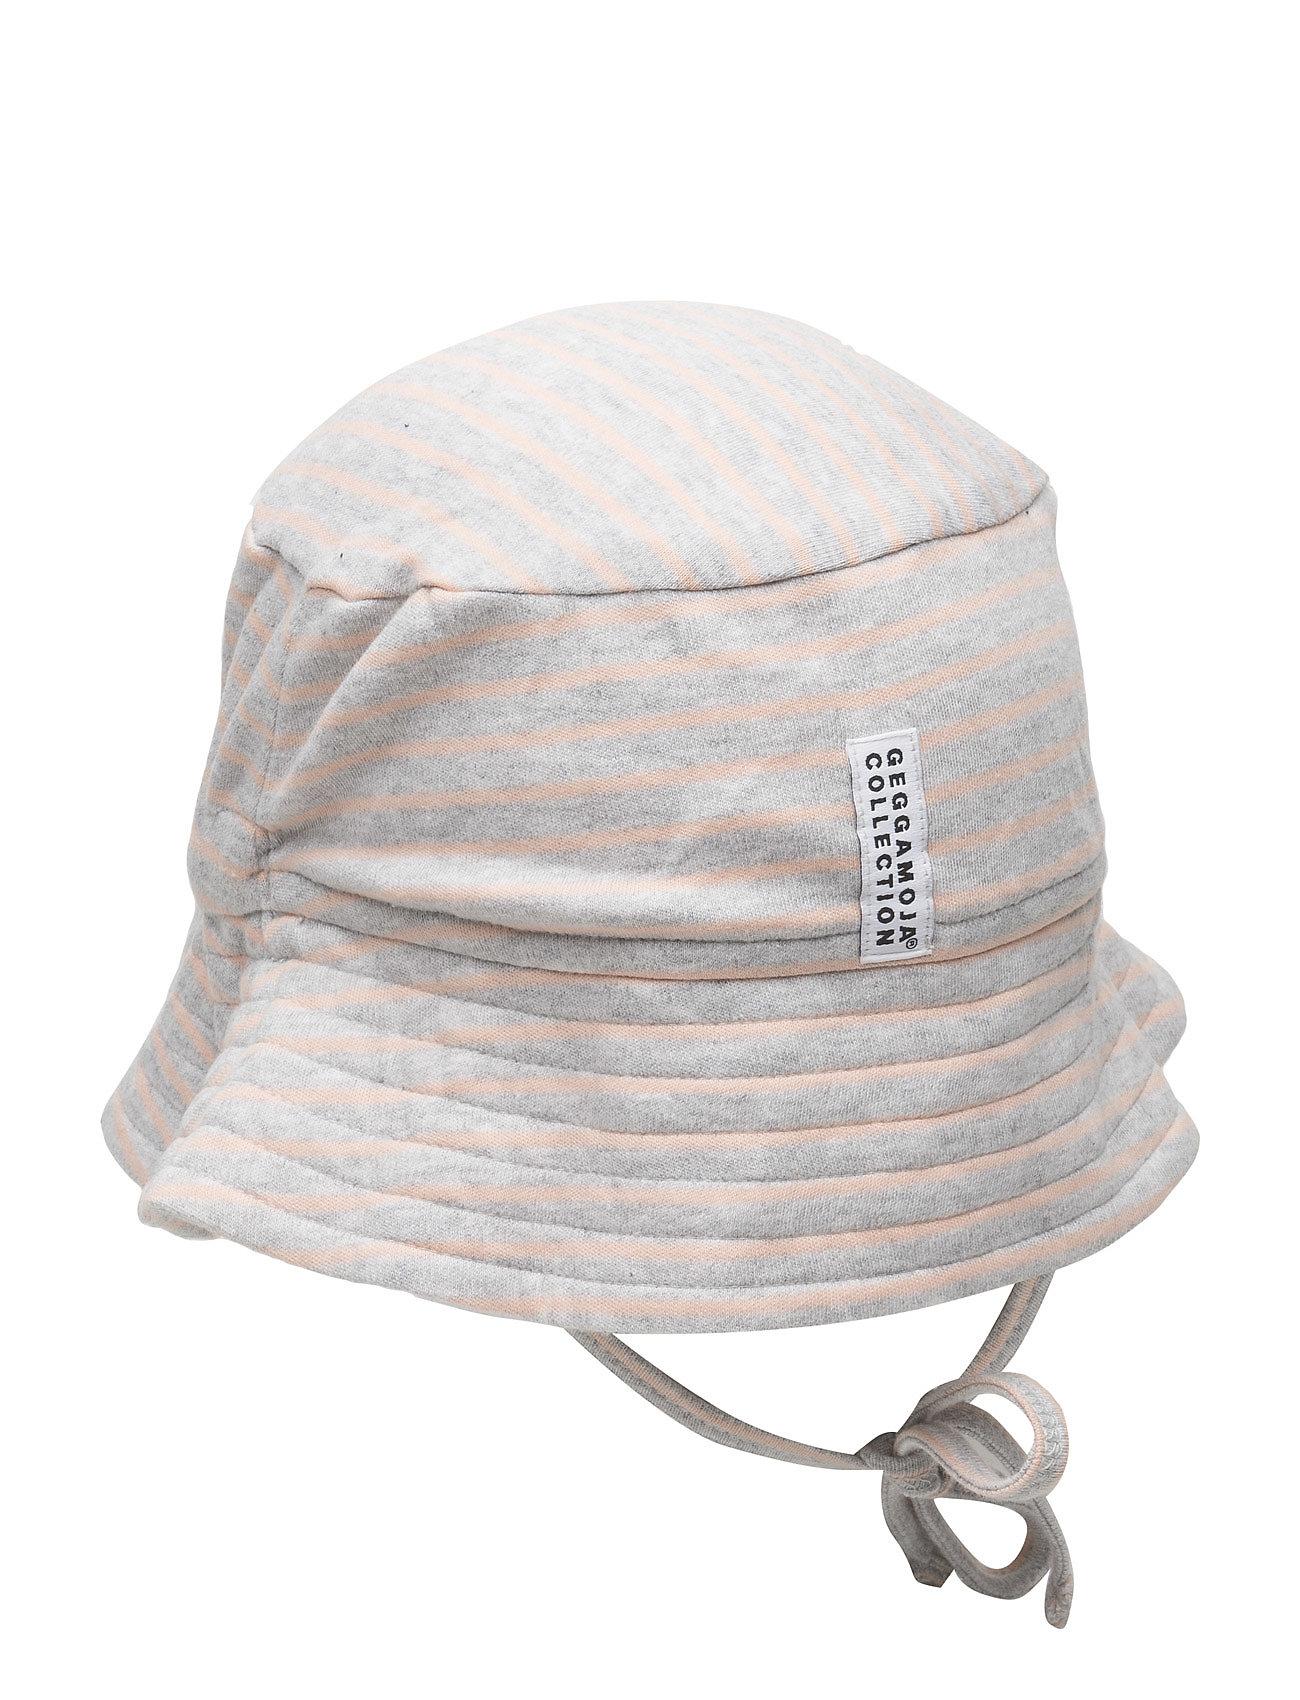 Sunny Hat Geggamoja Hatte & Caps til Børn i